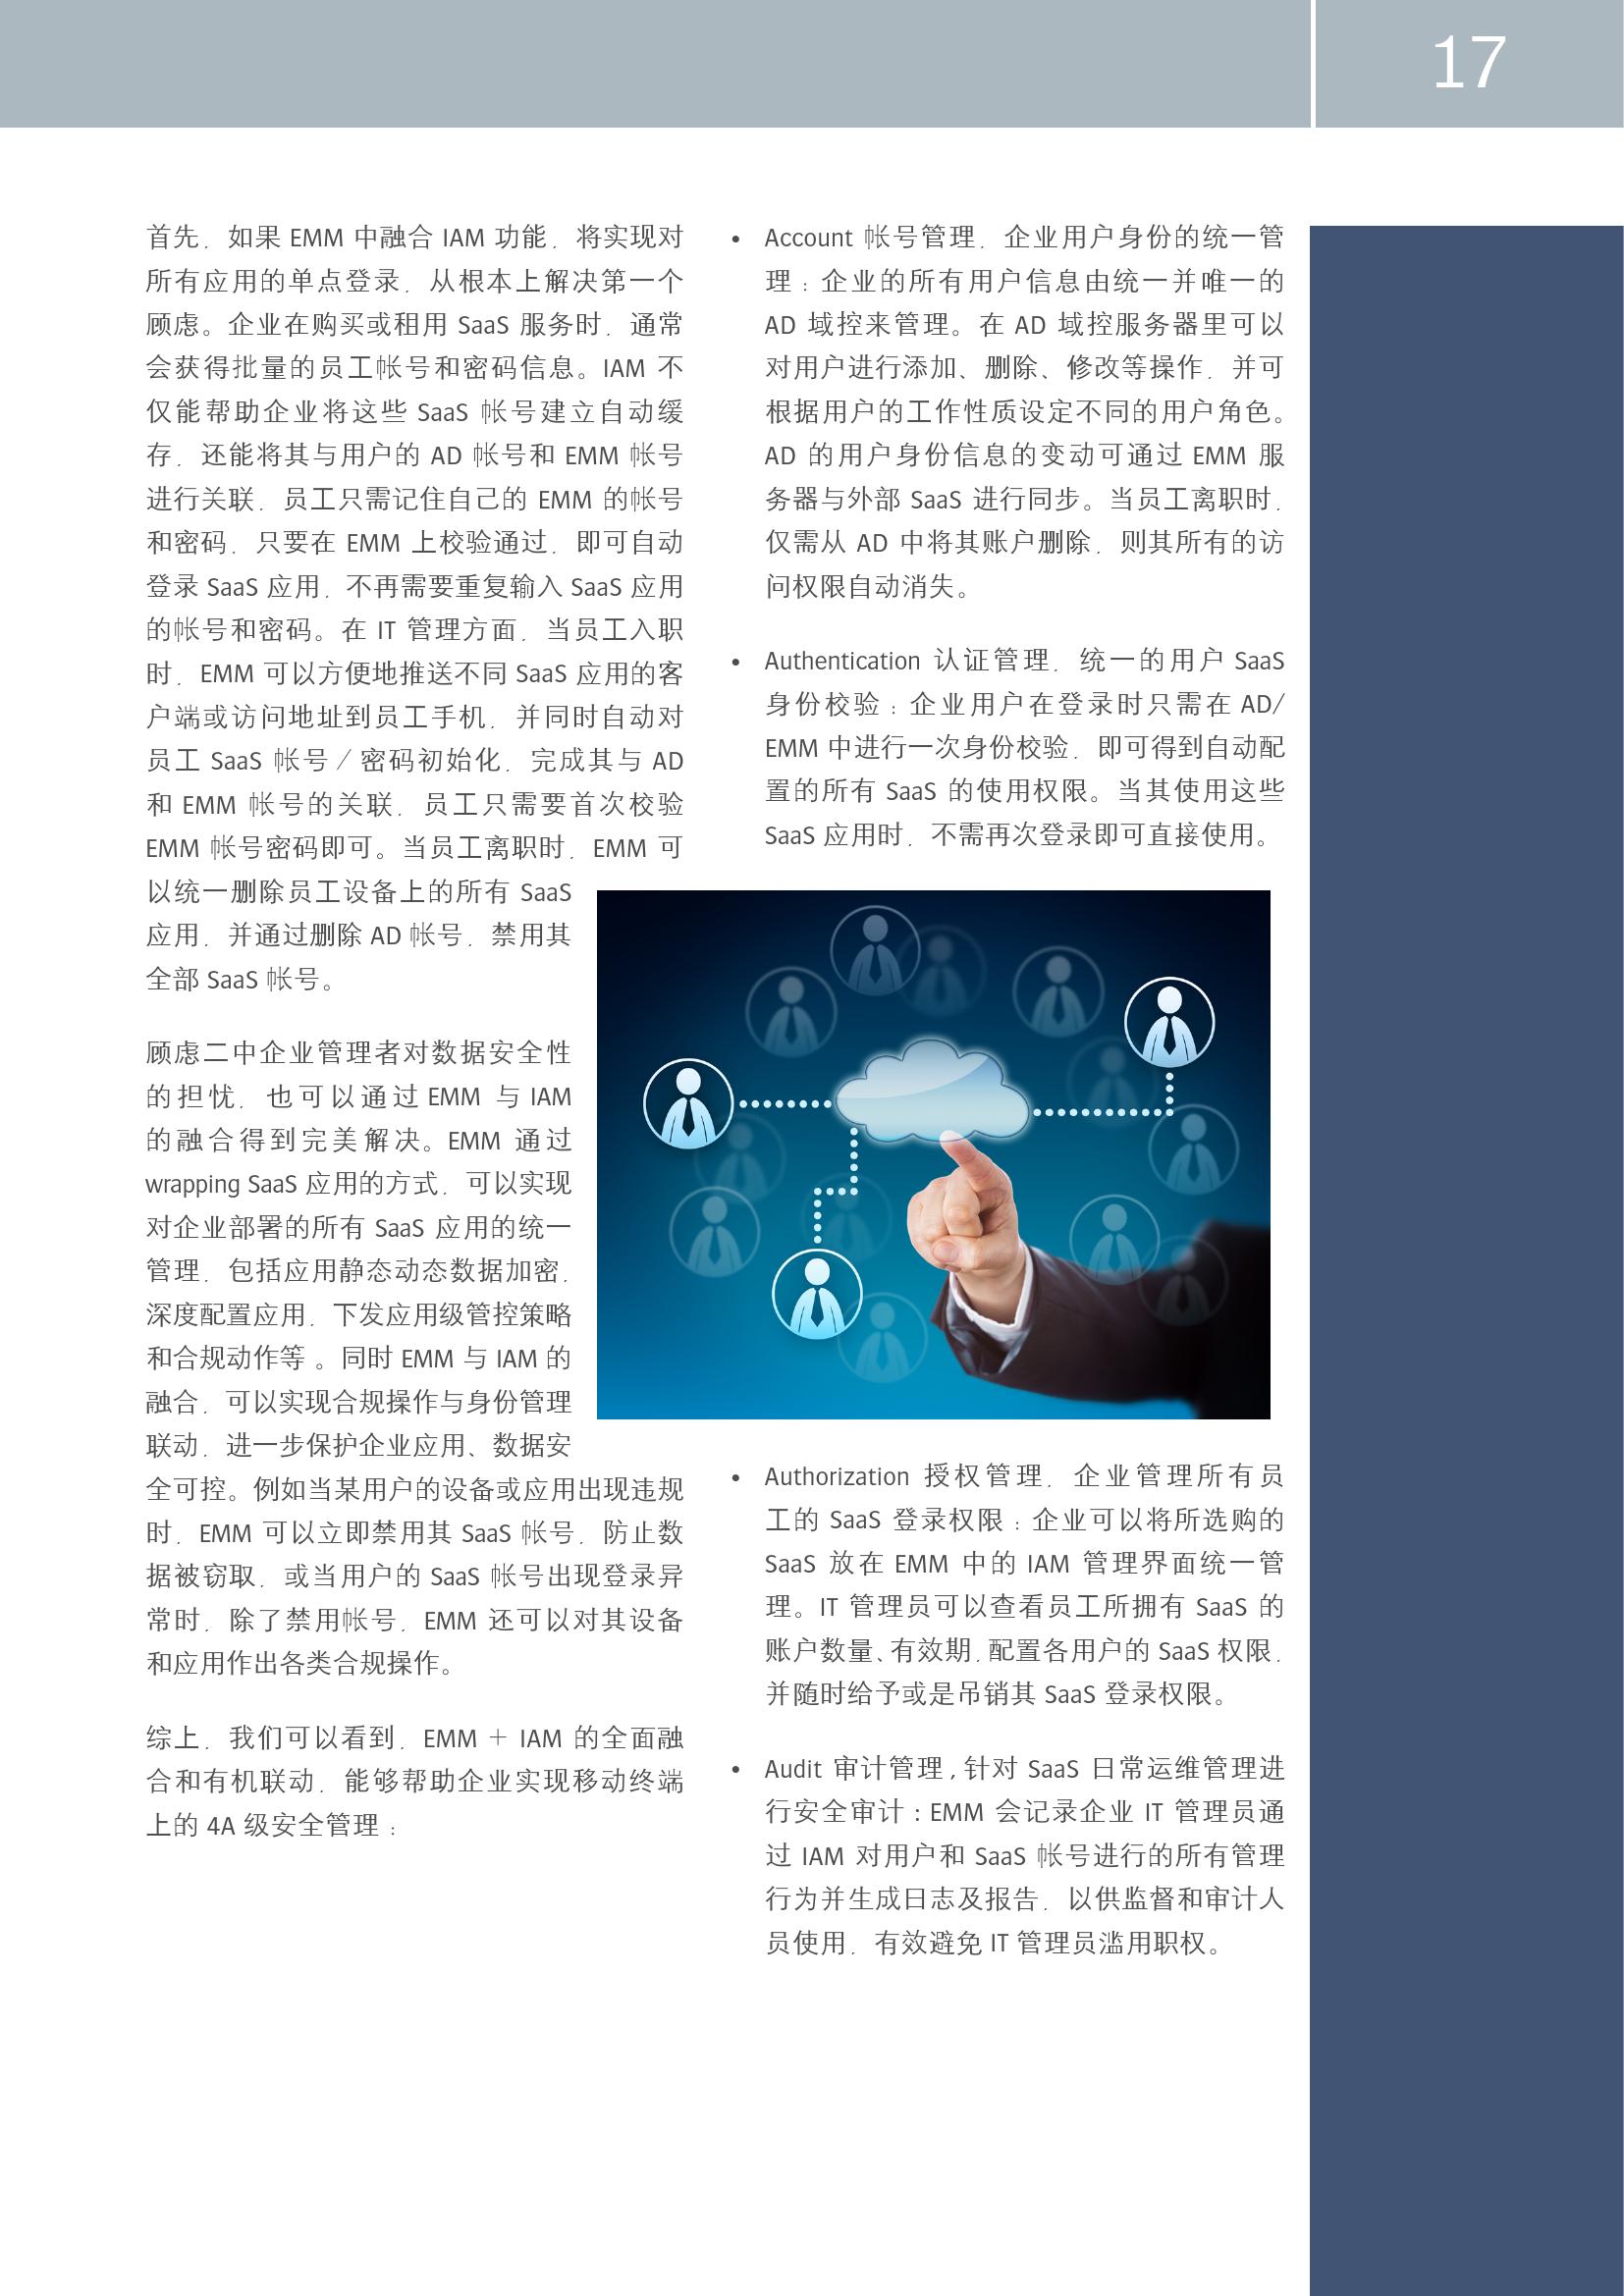 中国企业市场前瞻_000017